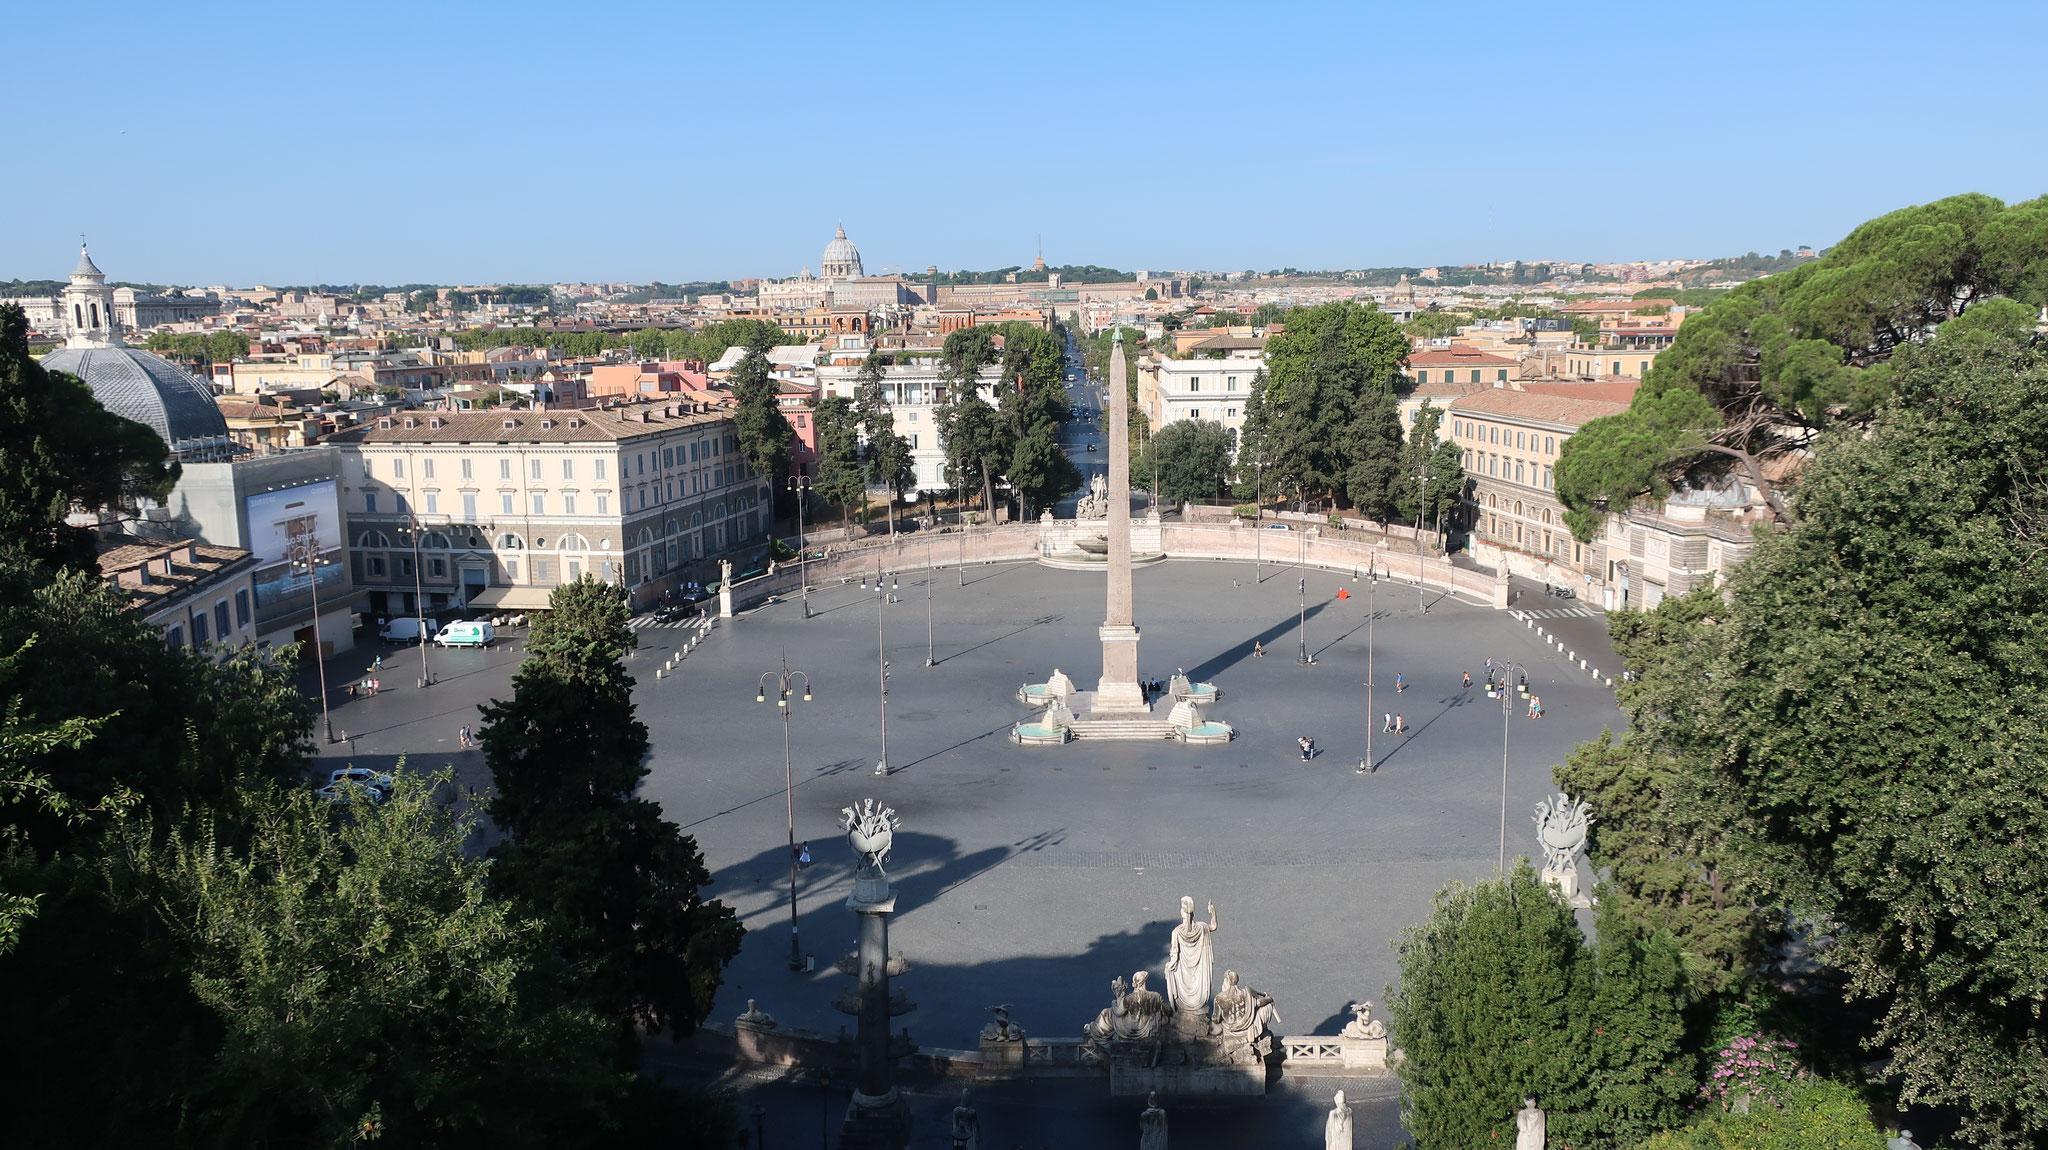 ピンチョの丘からポポロ広場を見下ろします。遠くにサン・ピエトロ大聖堂のクーポラが見えます。